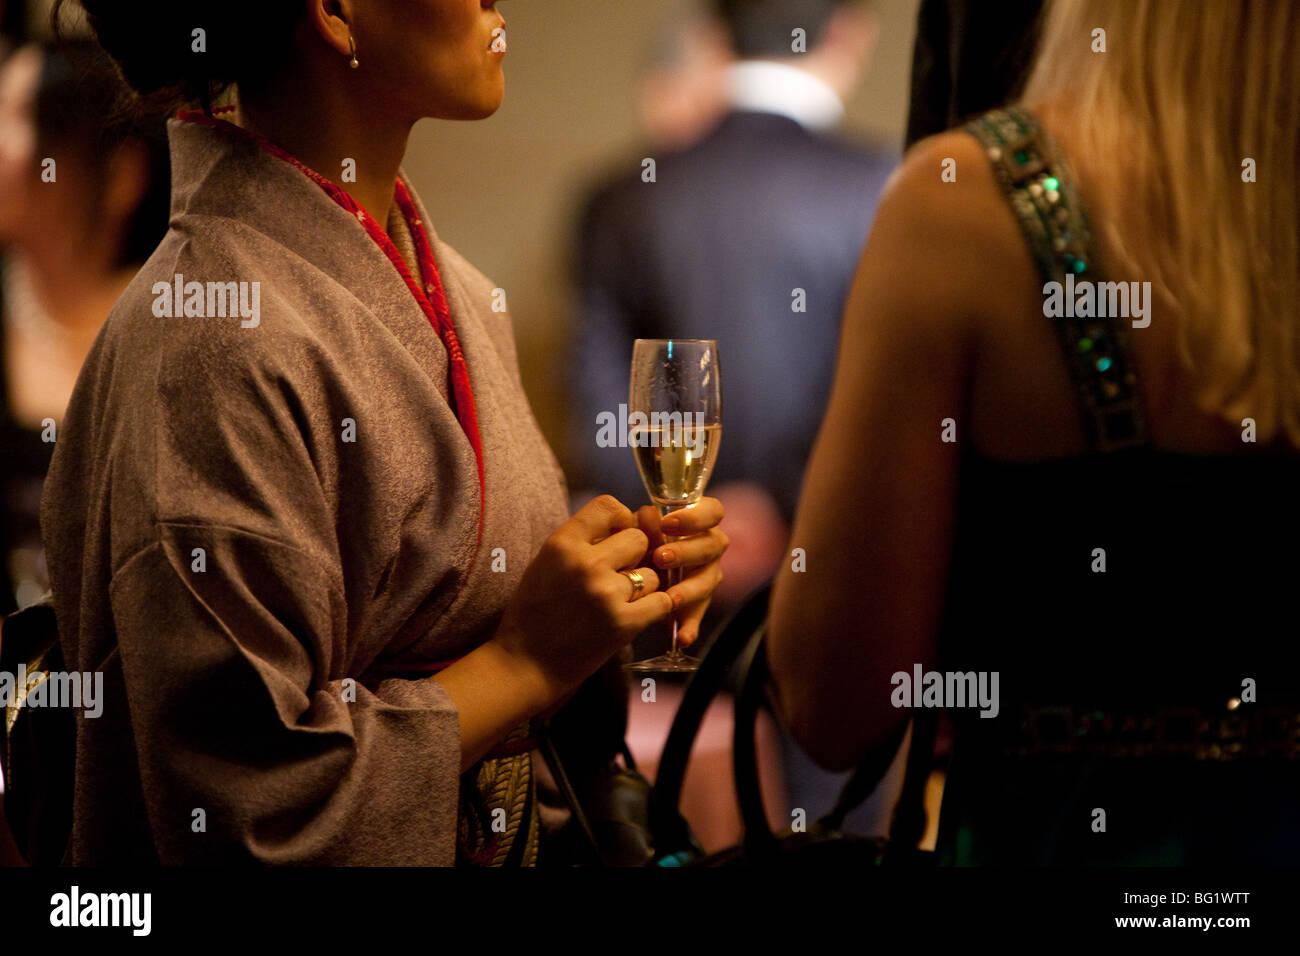 Femme japonaise en kimono de boire du champagne. Photo Stock